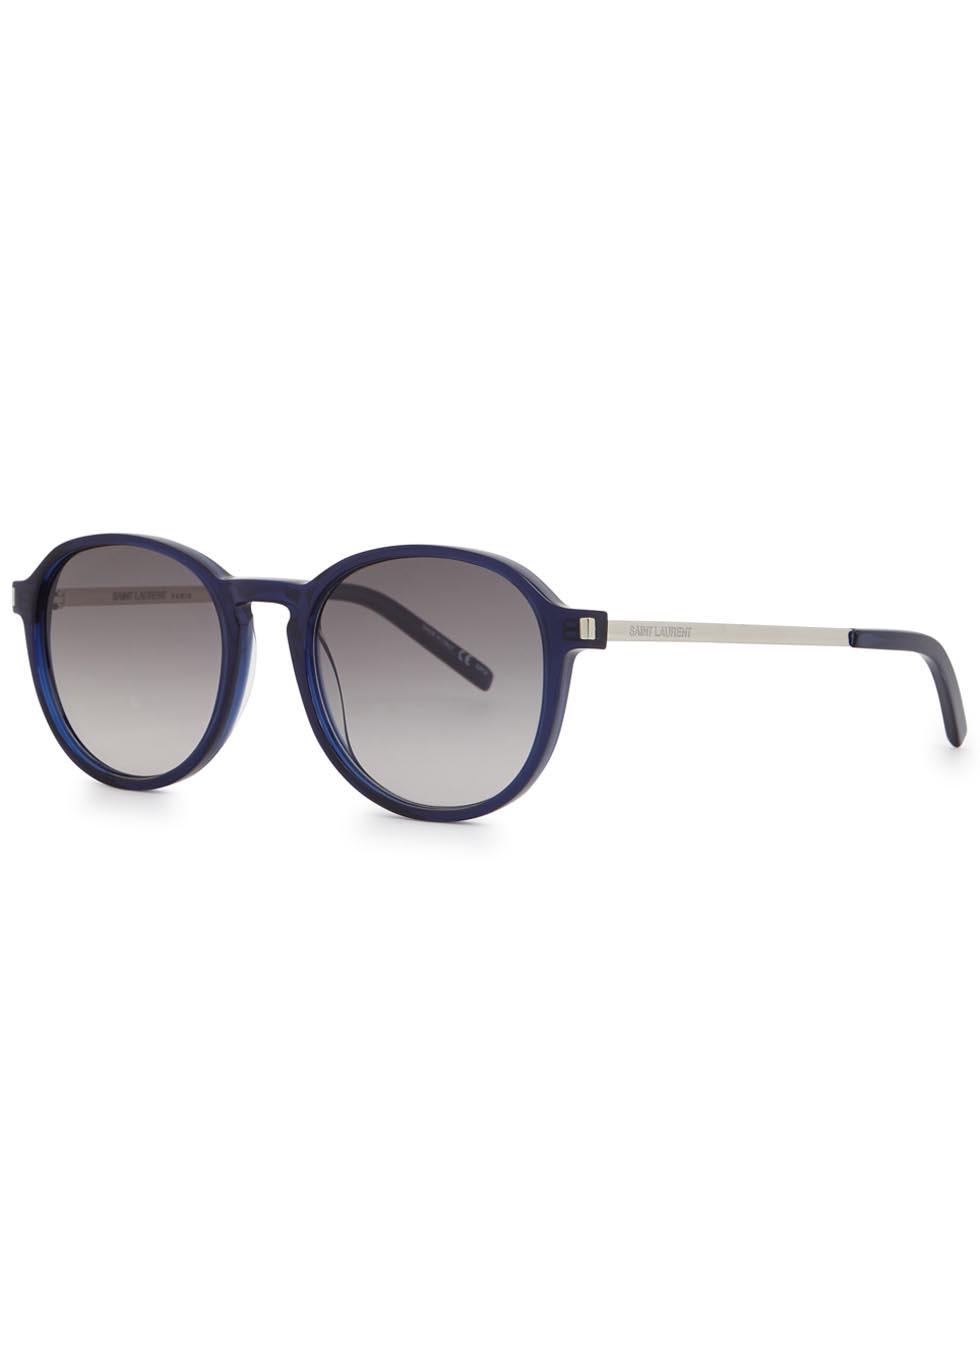 SL110 navy round-frame sunglasses - Yves Saint Laurent